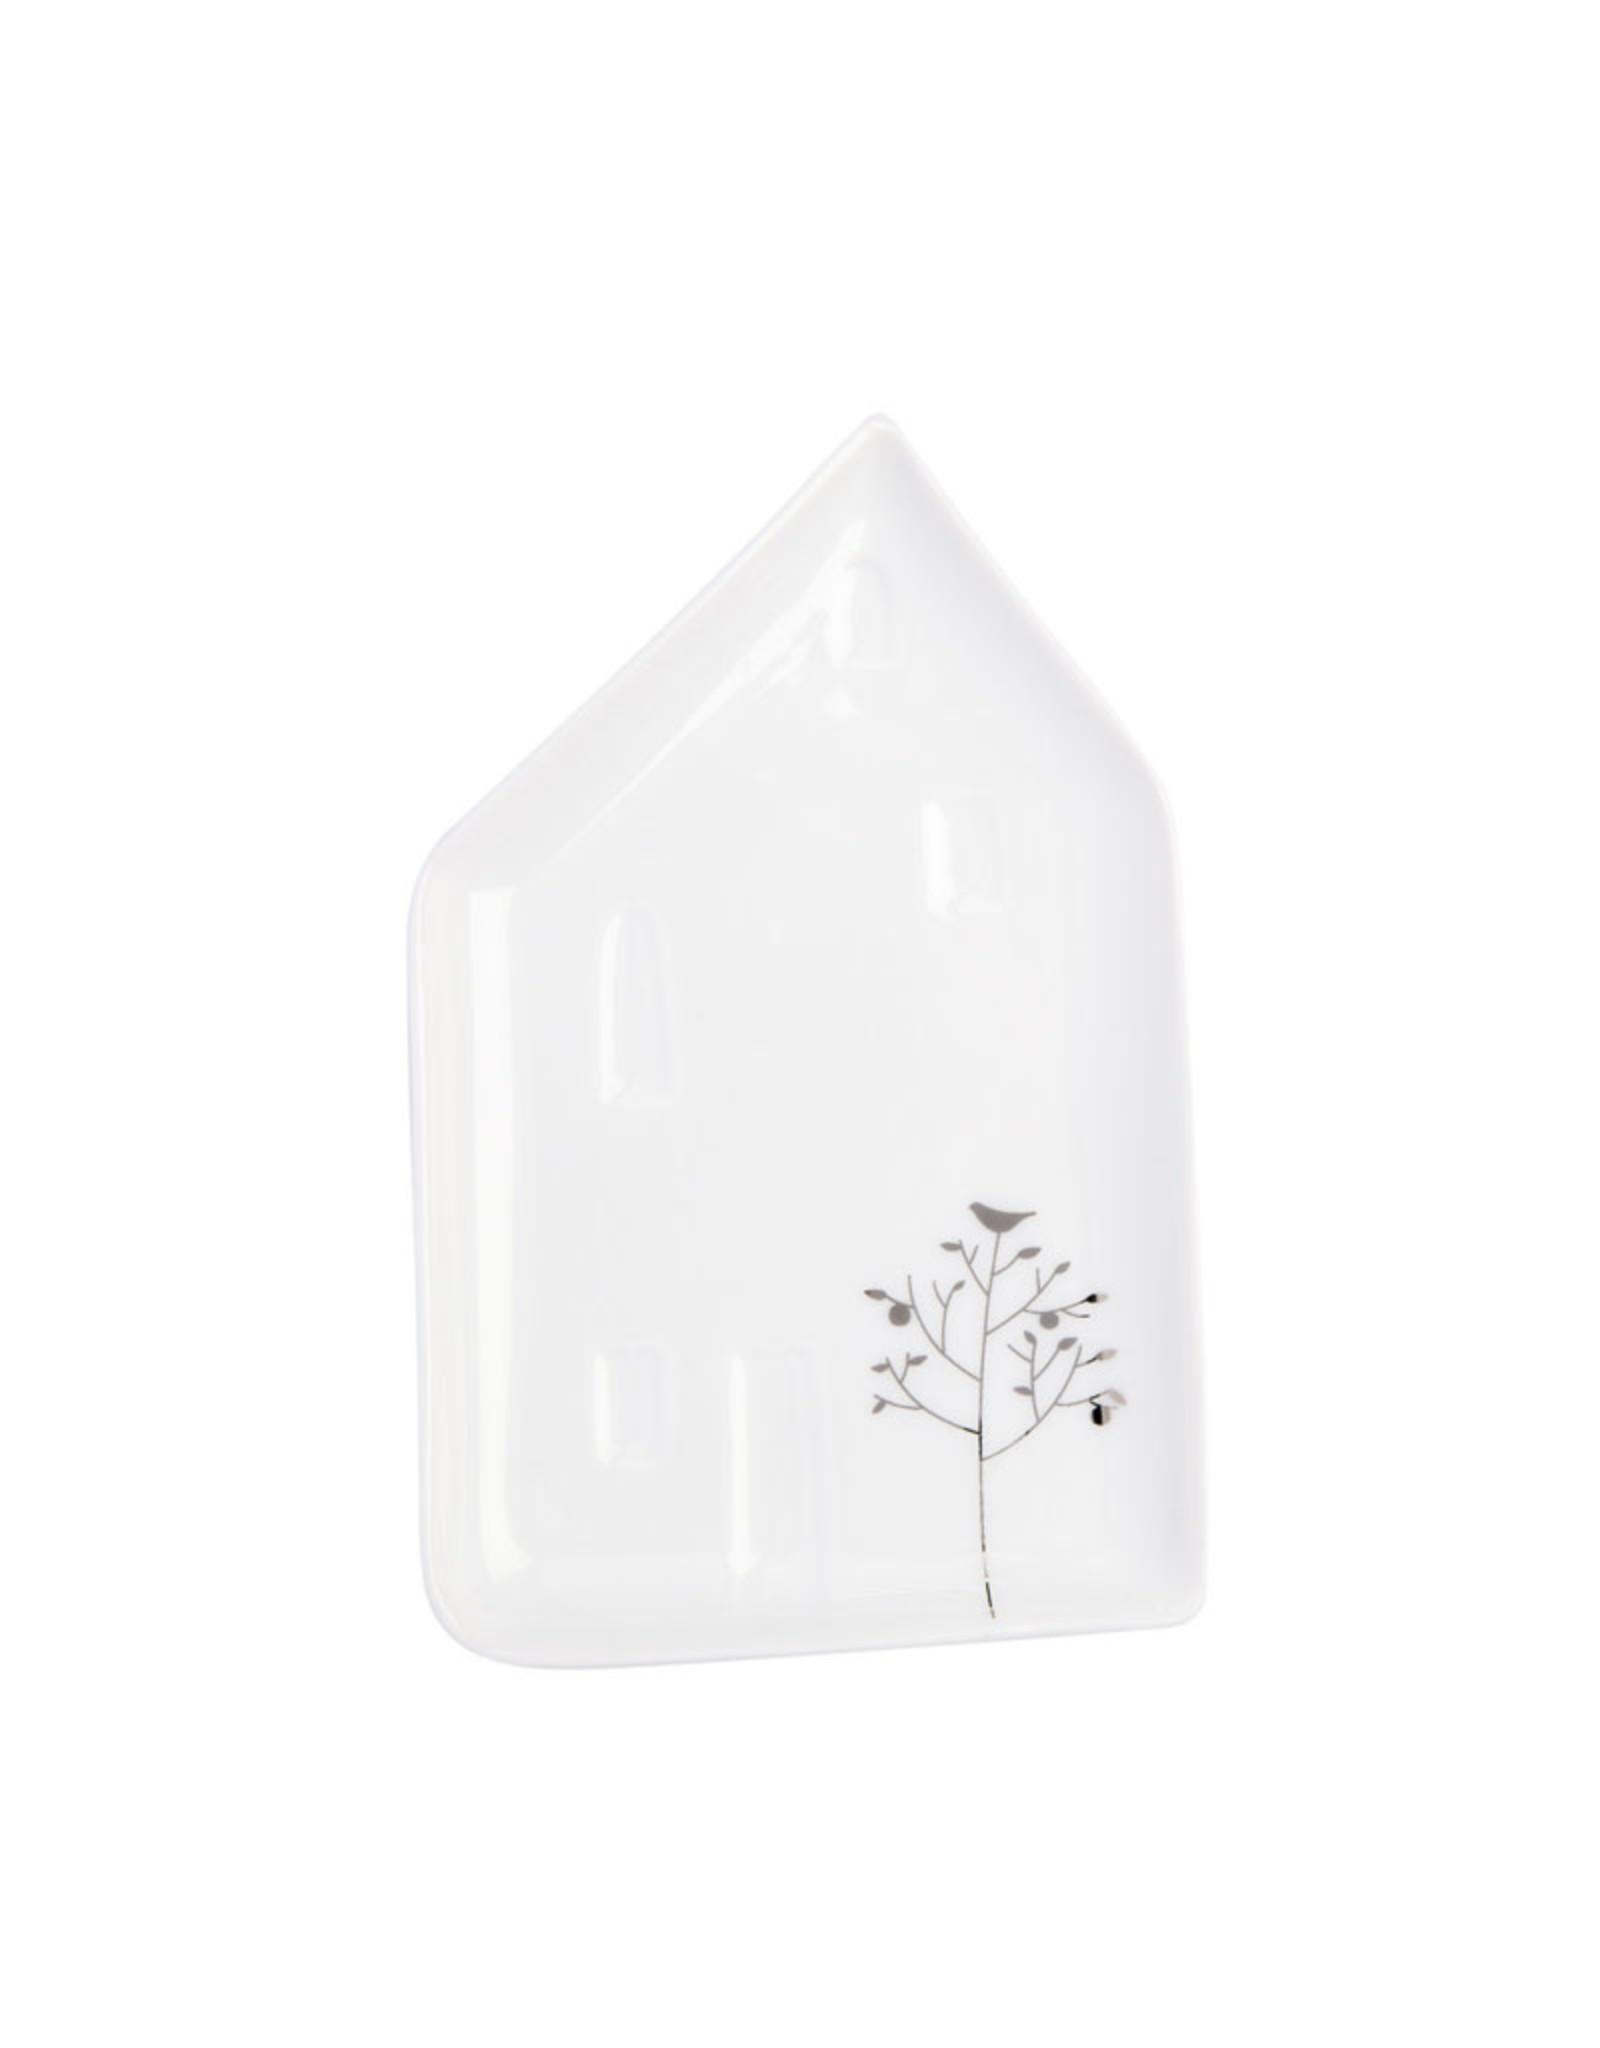 Raeder Geluksbordje + Gedichtje - Huisje + Er Huist een schoonheid - 9,5 x 6 x 1 cm